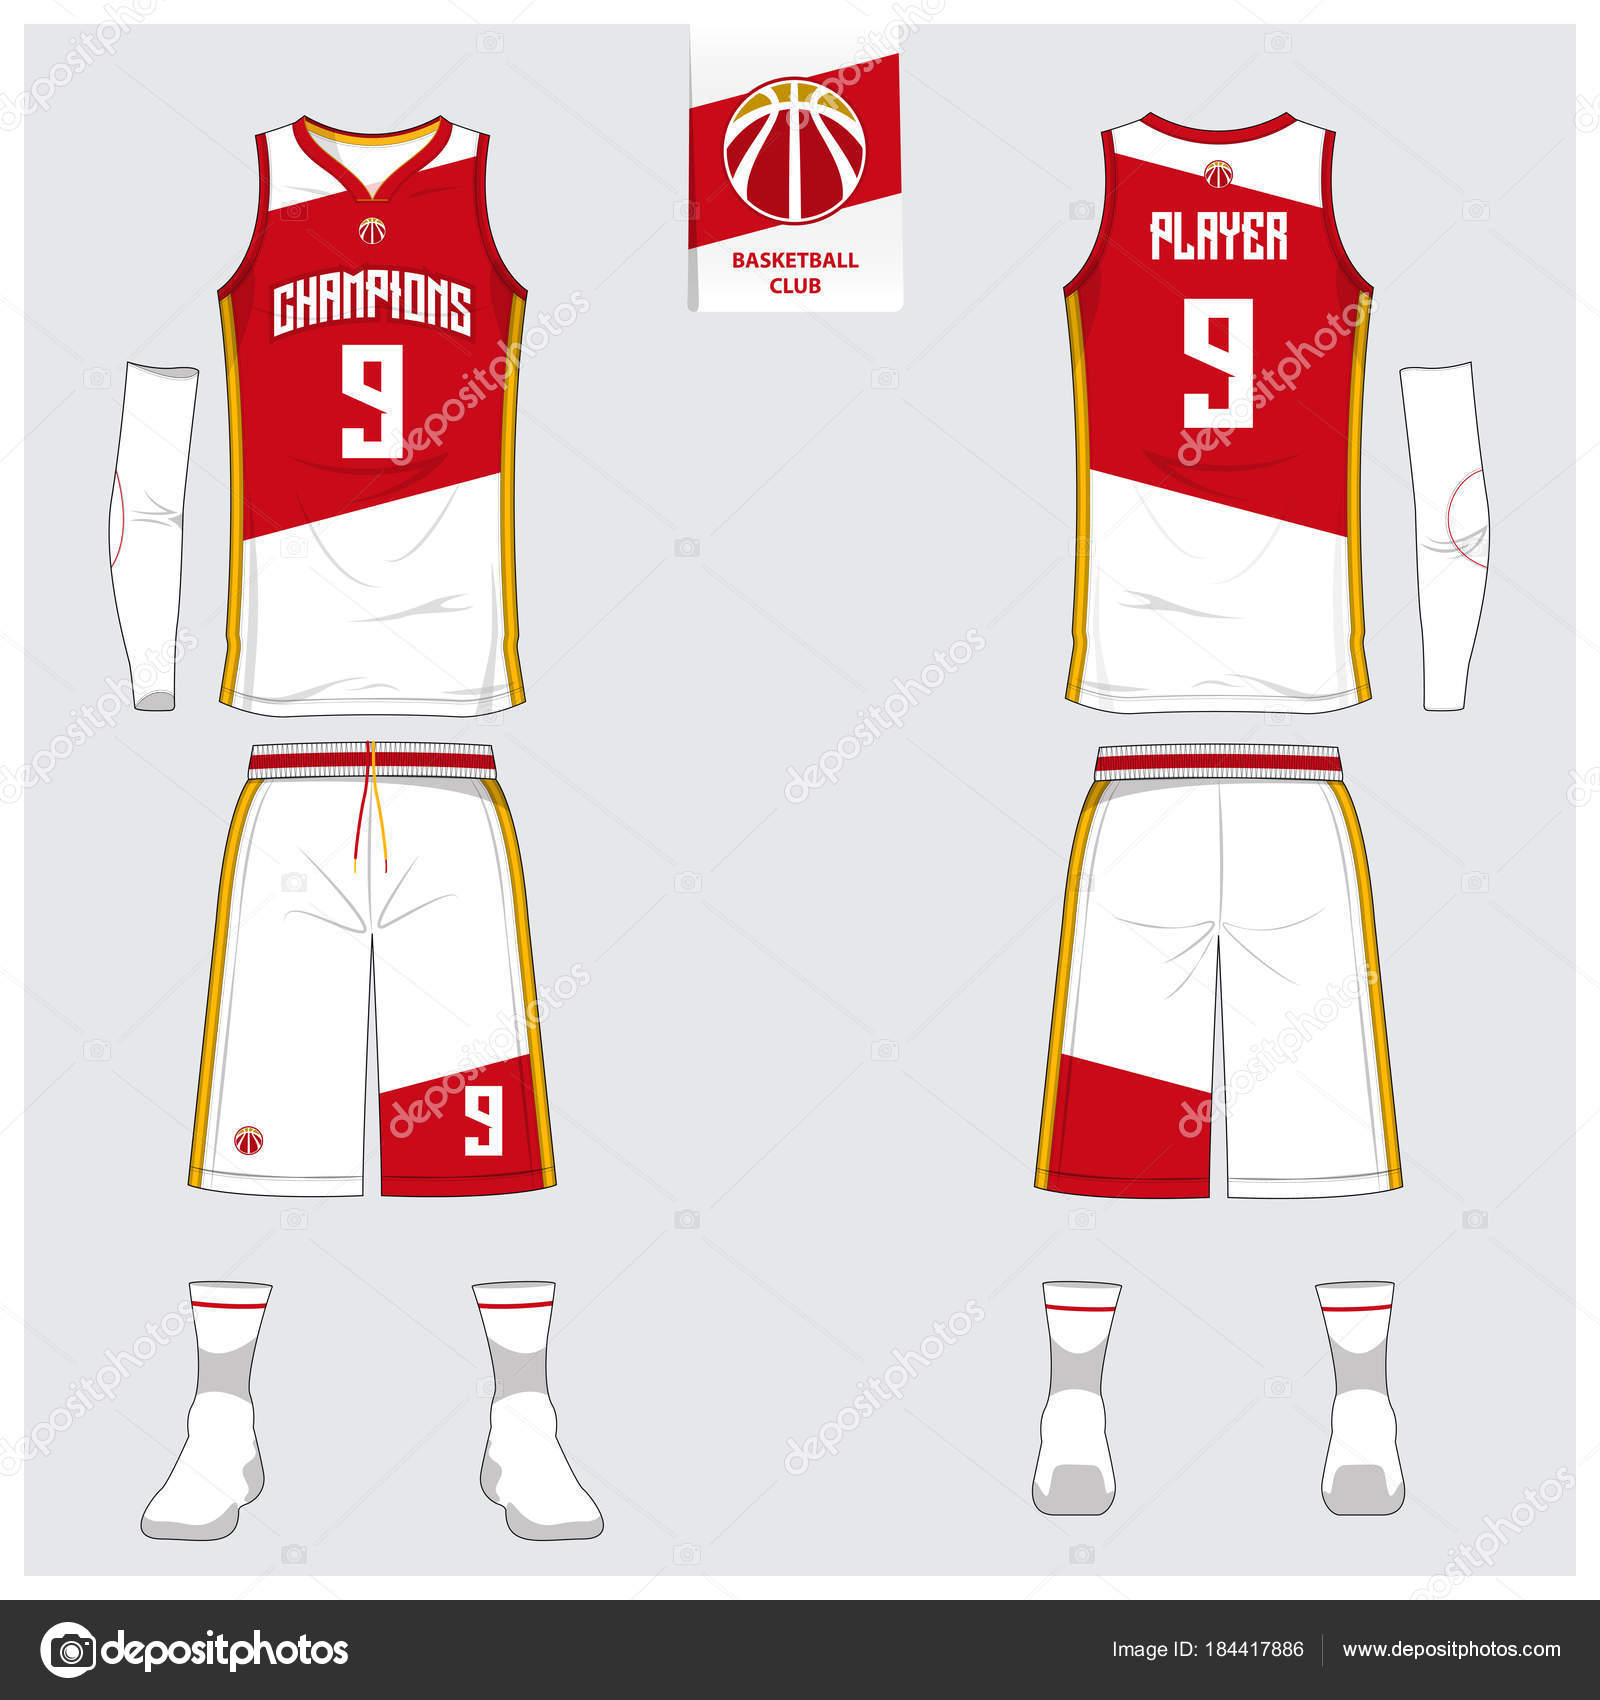 Basketballtrikot oder Sport einheitliche, Shorts, Socken Vorlage für ...